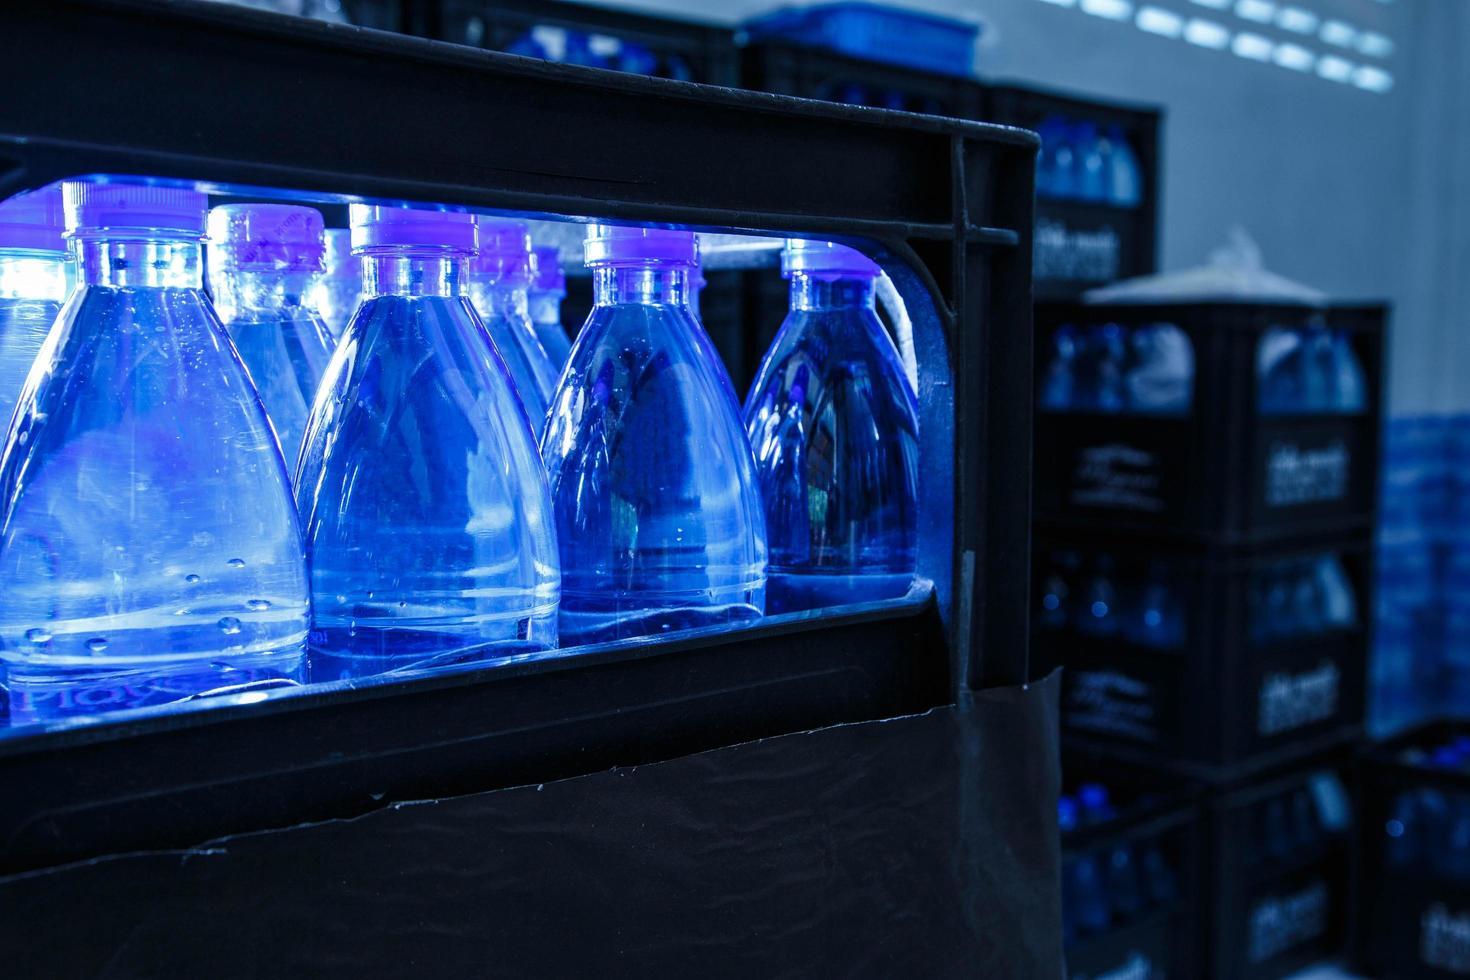 bouteilles d'eau potable photo